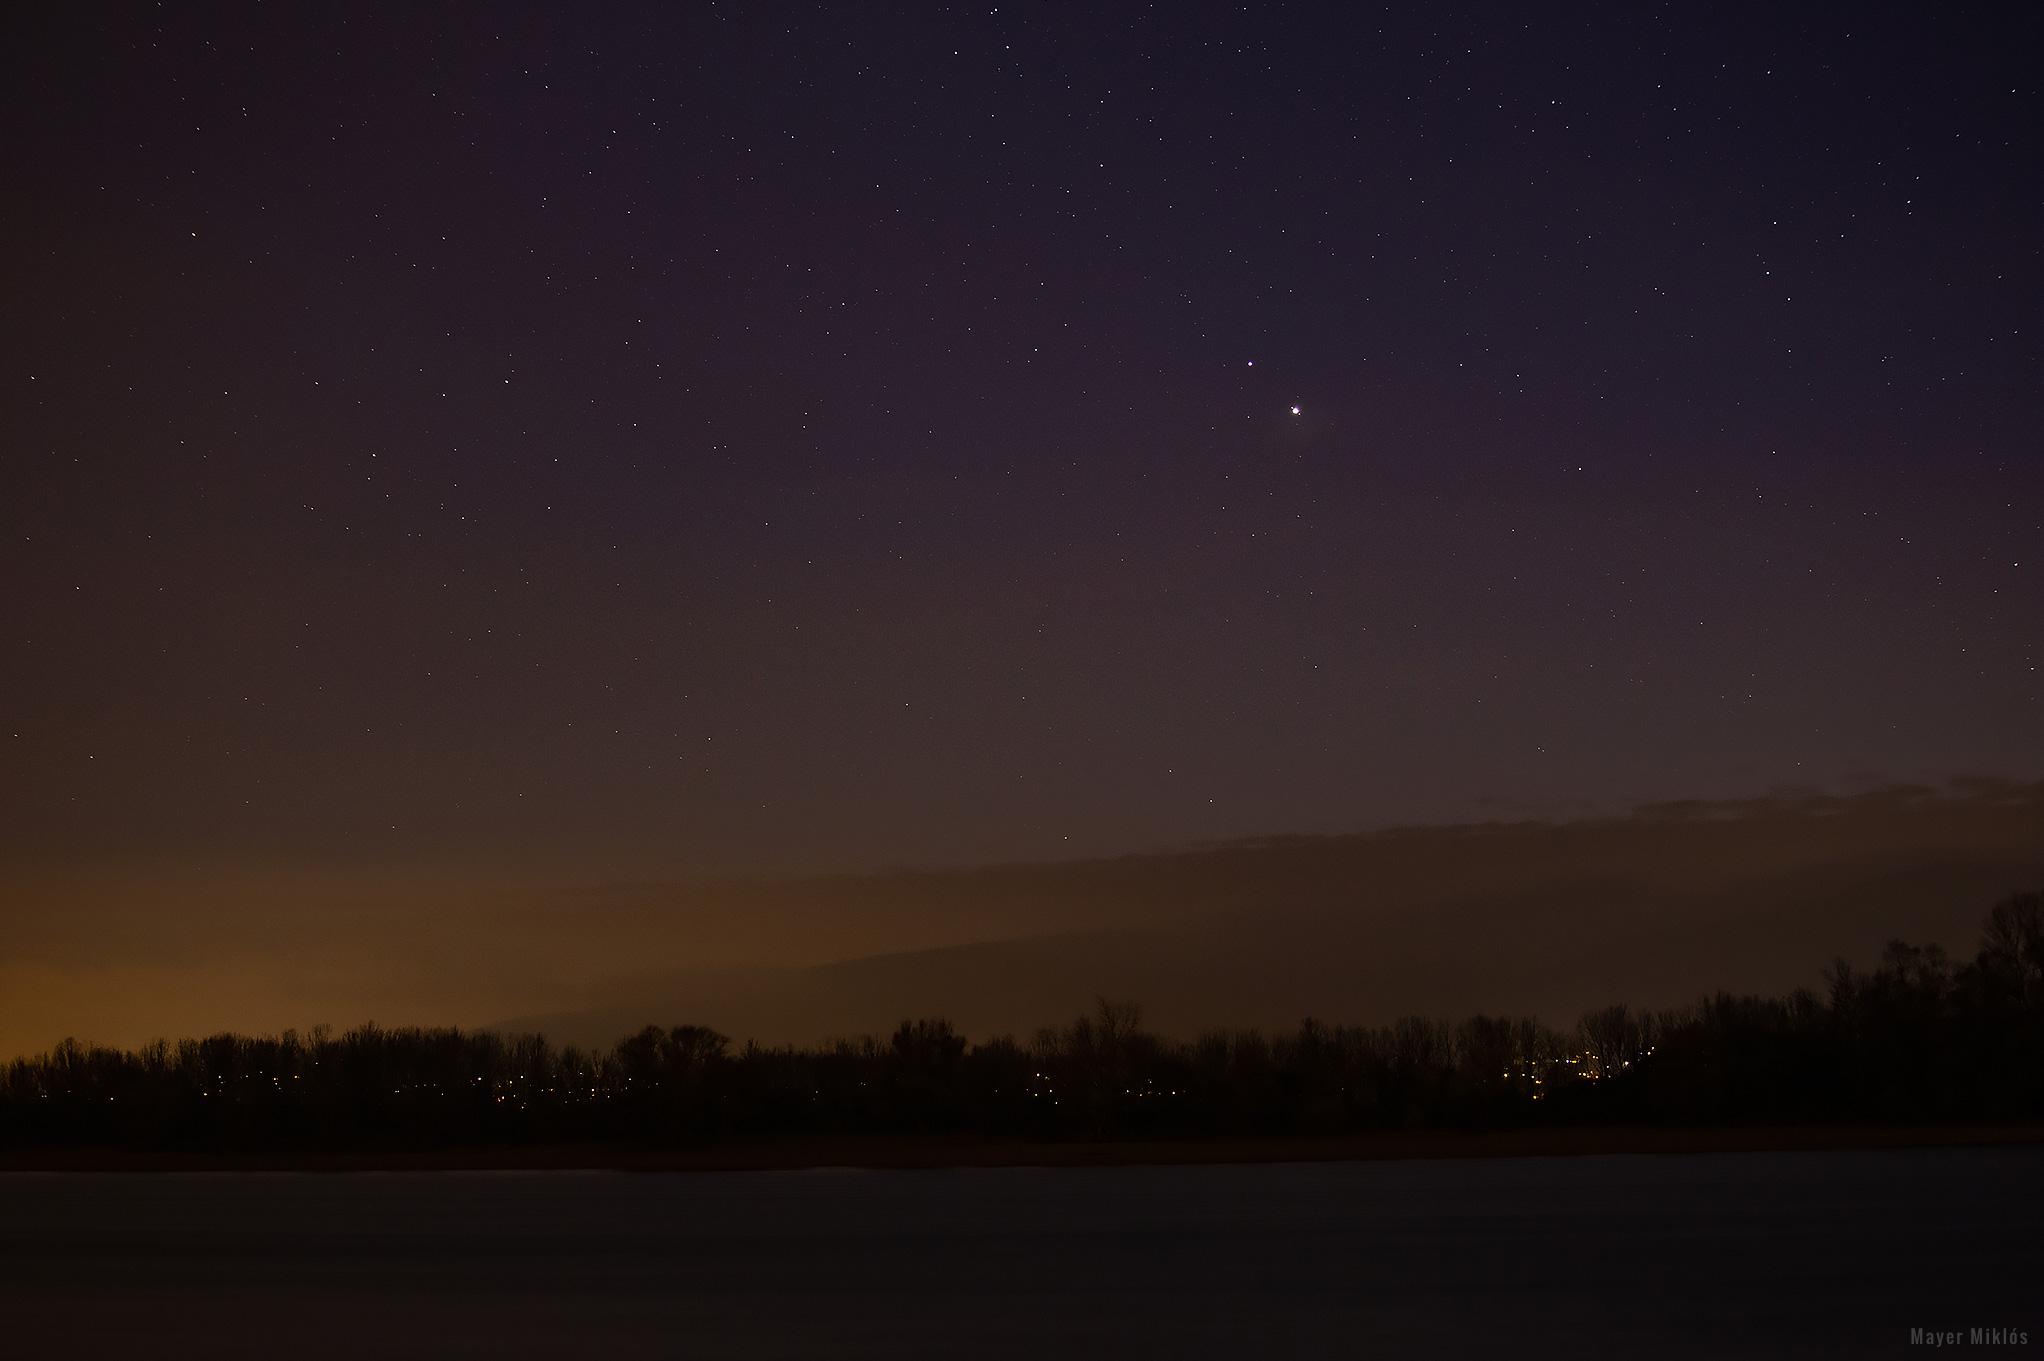 Jupiter és Szaturnusz együttállása a Duna és Pilis hegyei felett.